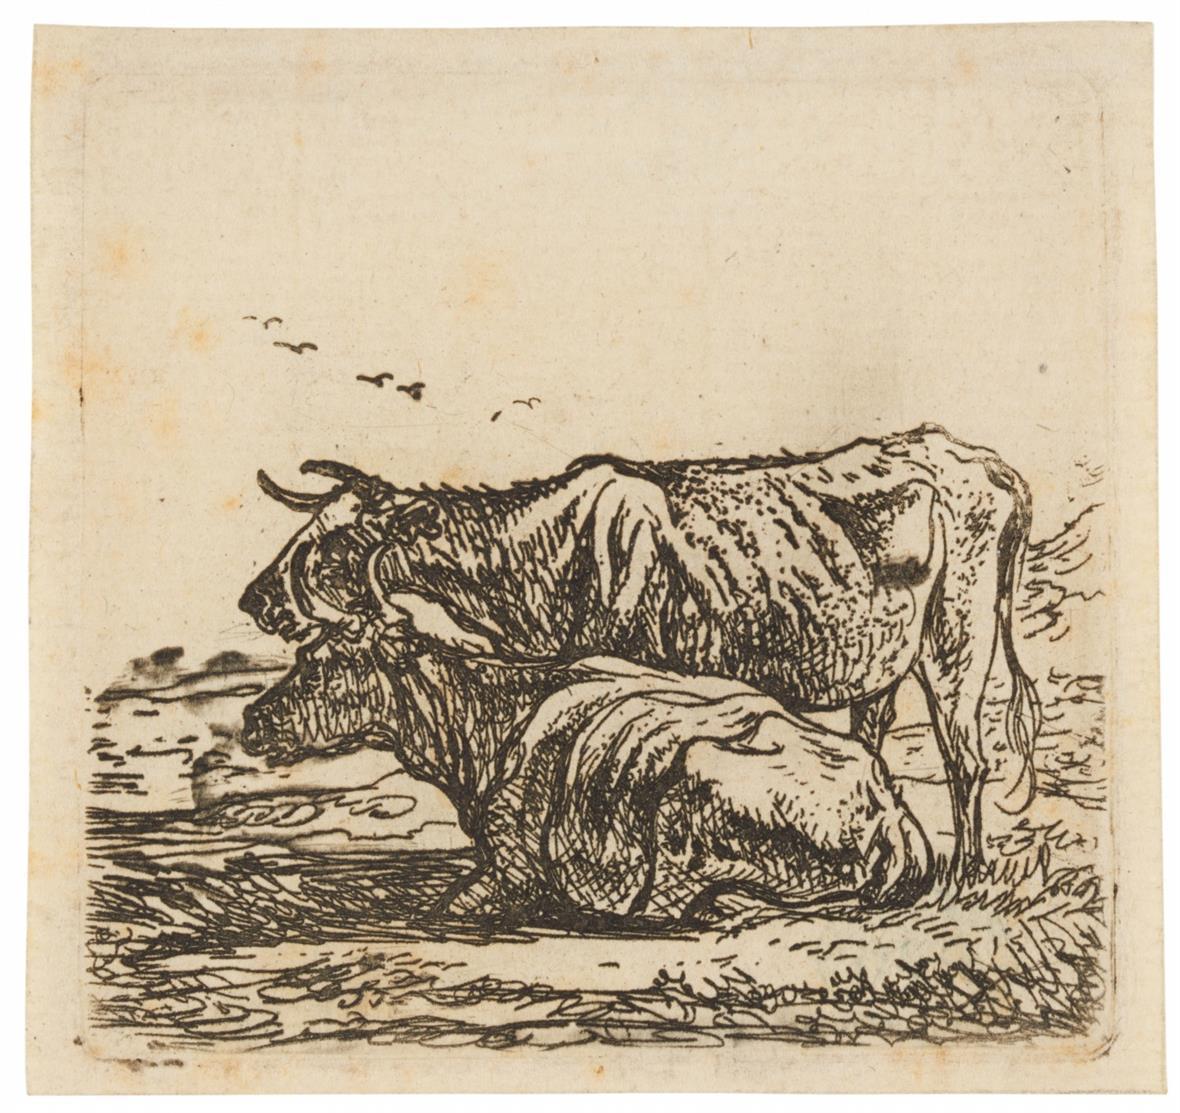 Aelbert Cuyp. Zwei Kühe. Radierung. H. 3.